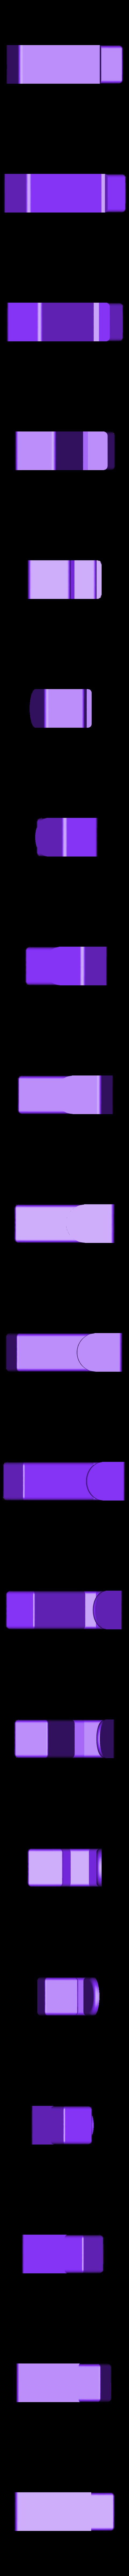 towel_hook.stl Download free STL file Towel hook • 3D printable design, mariospeed